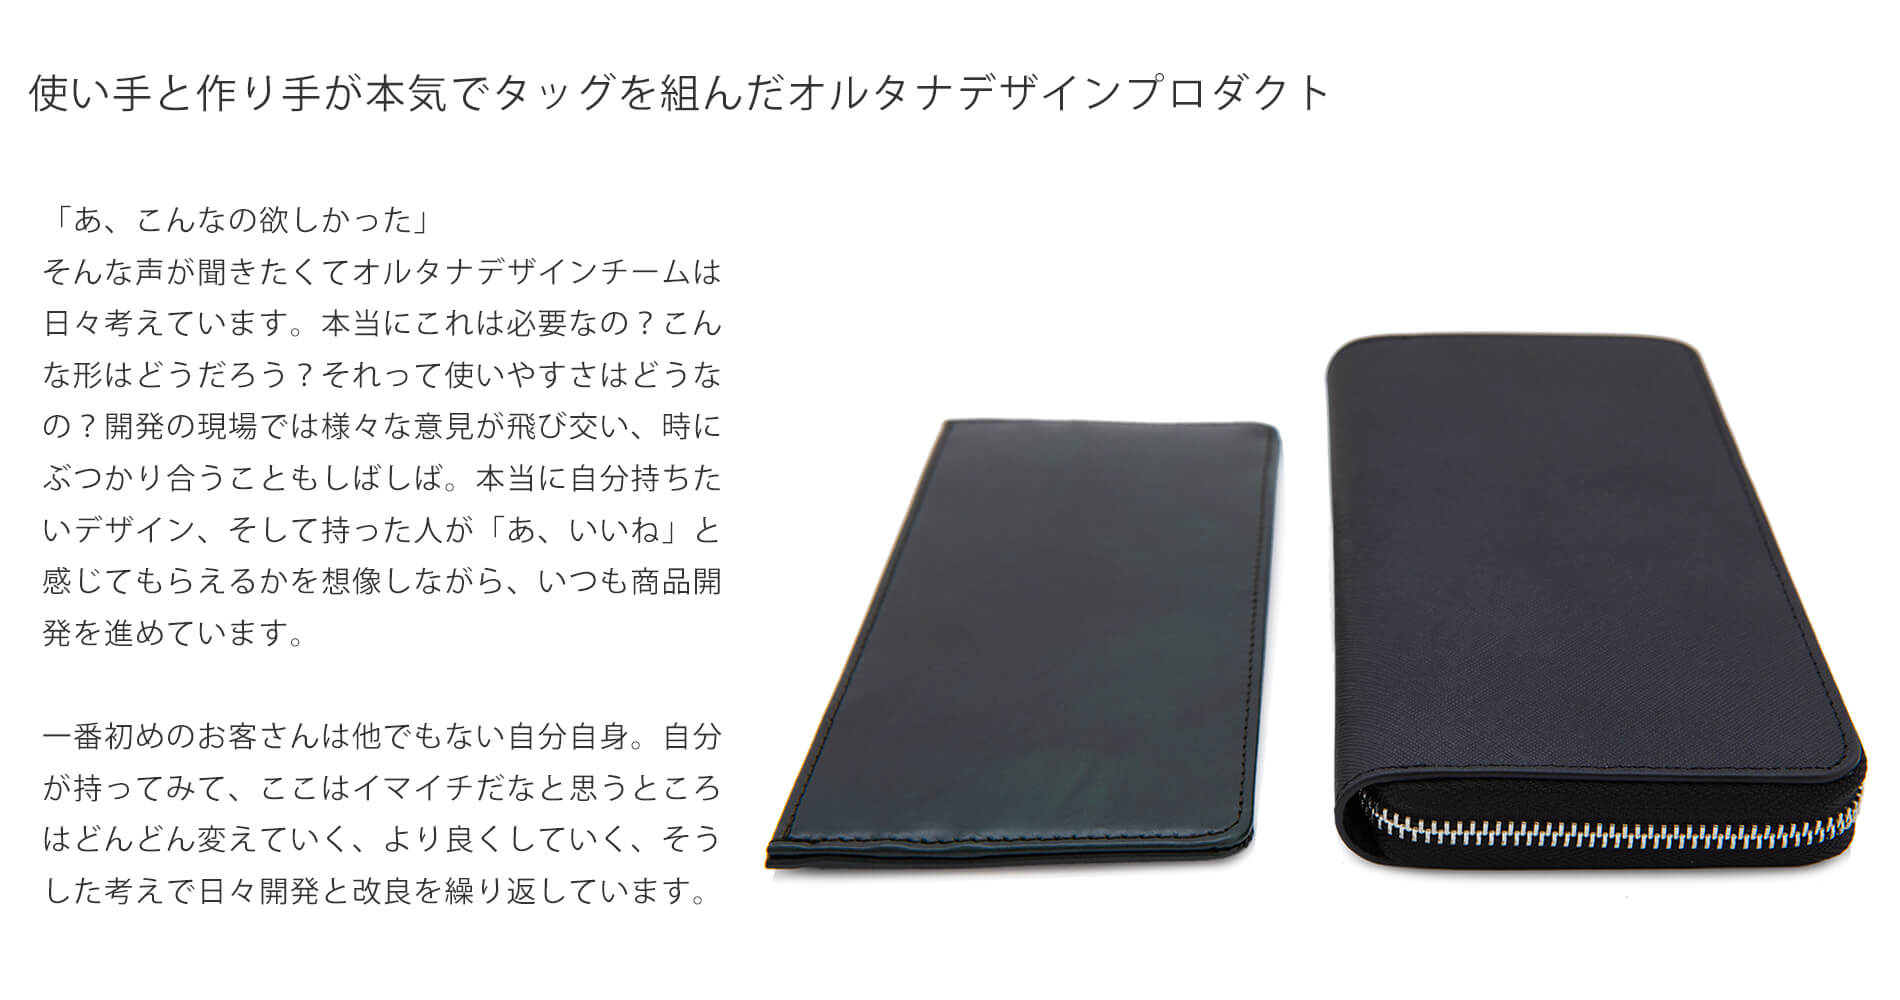 オルタナデザインブランド紹介